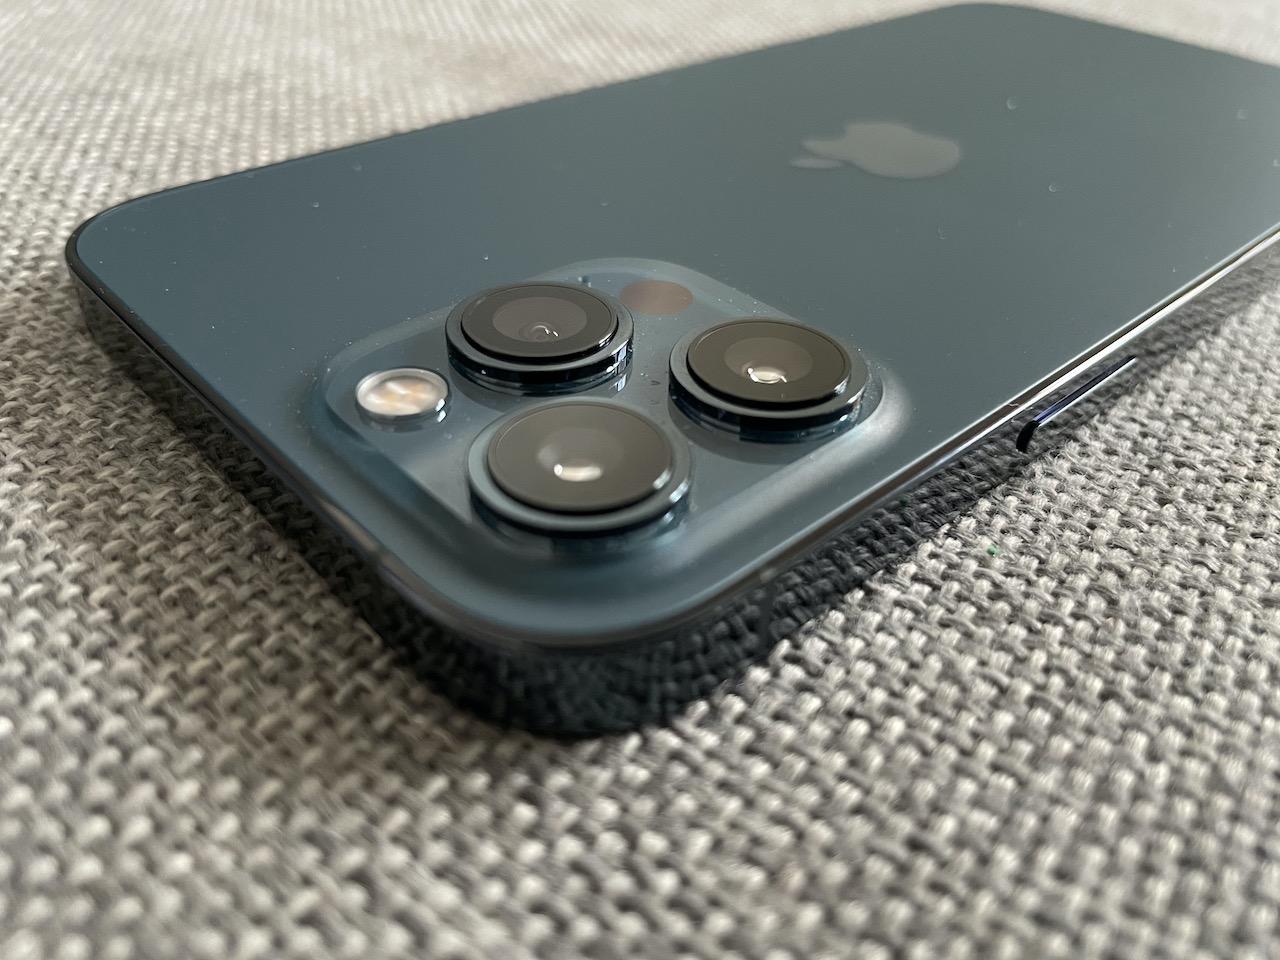 Apple Zulieferer Corning verwendet Gorilla Glass DX und DX+ für Kameralinsen › Macerkopf